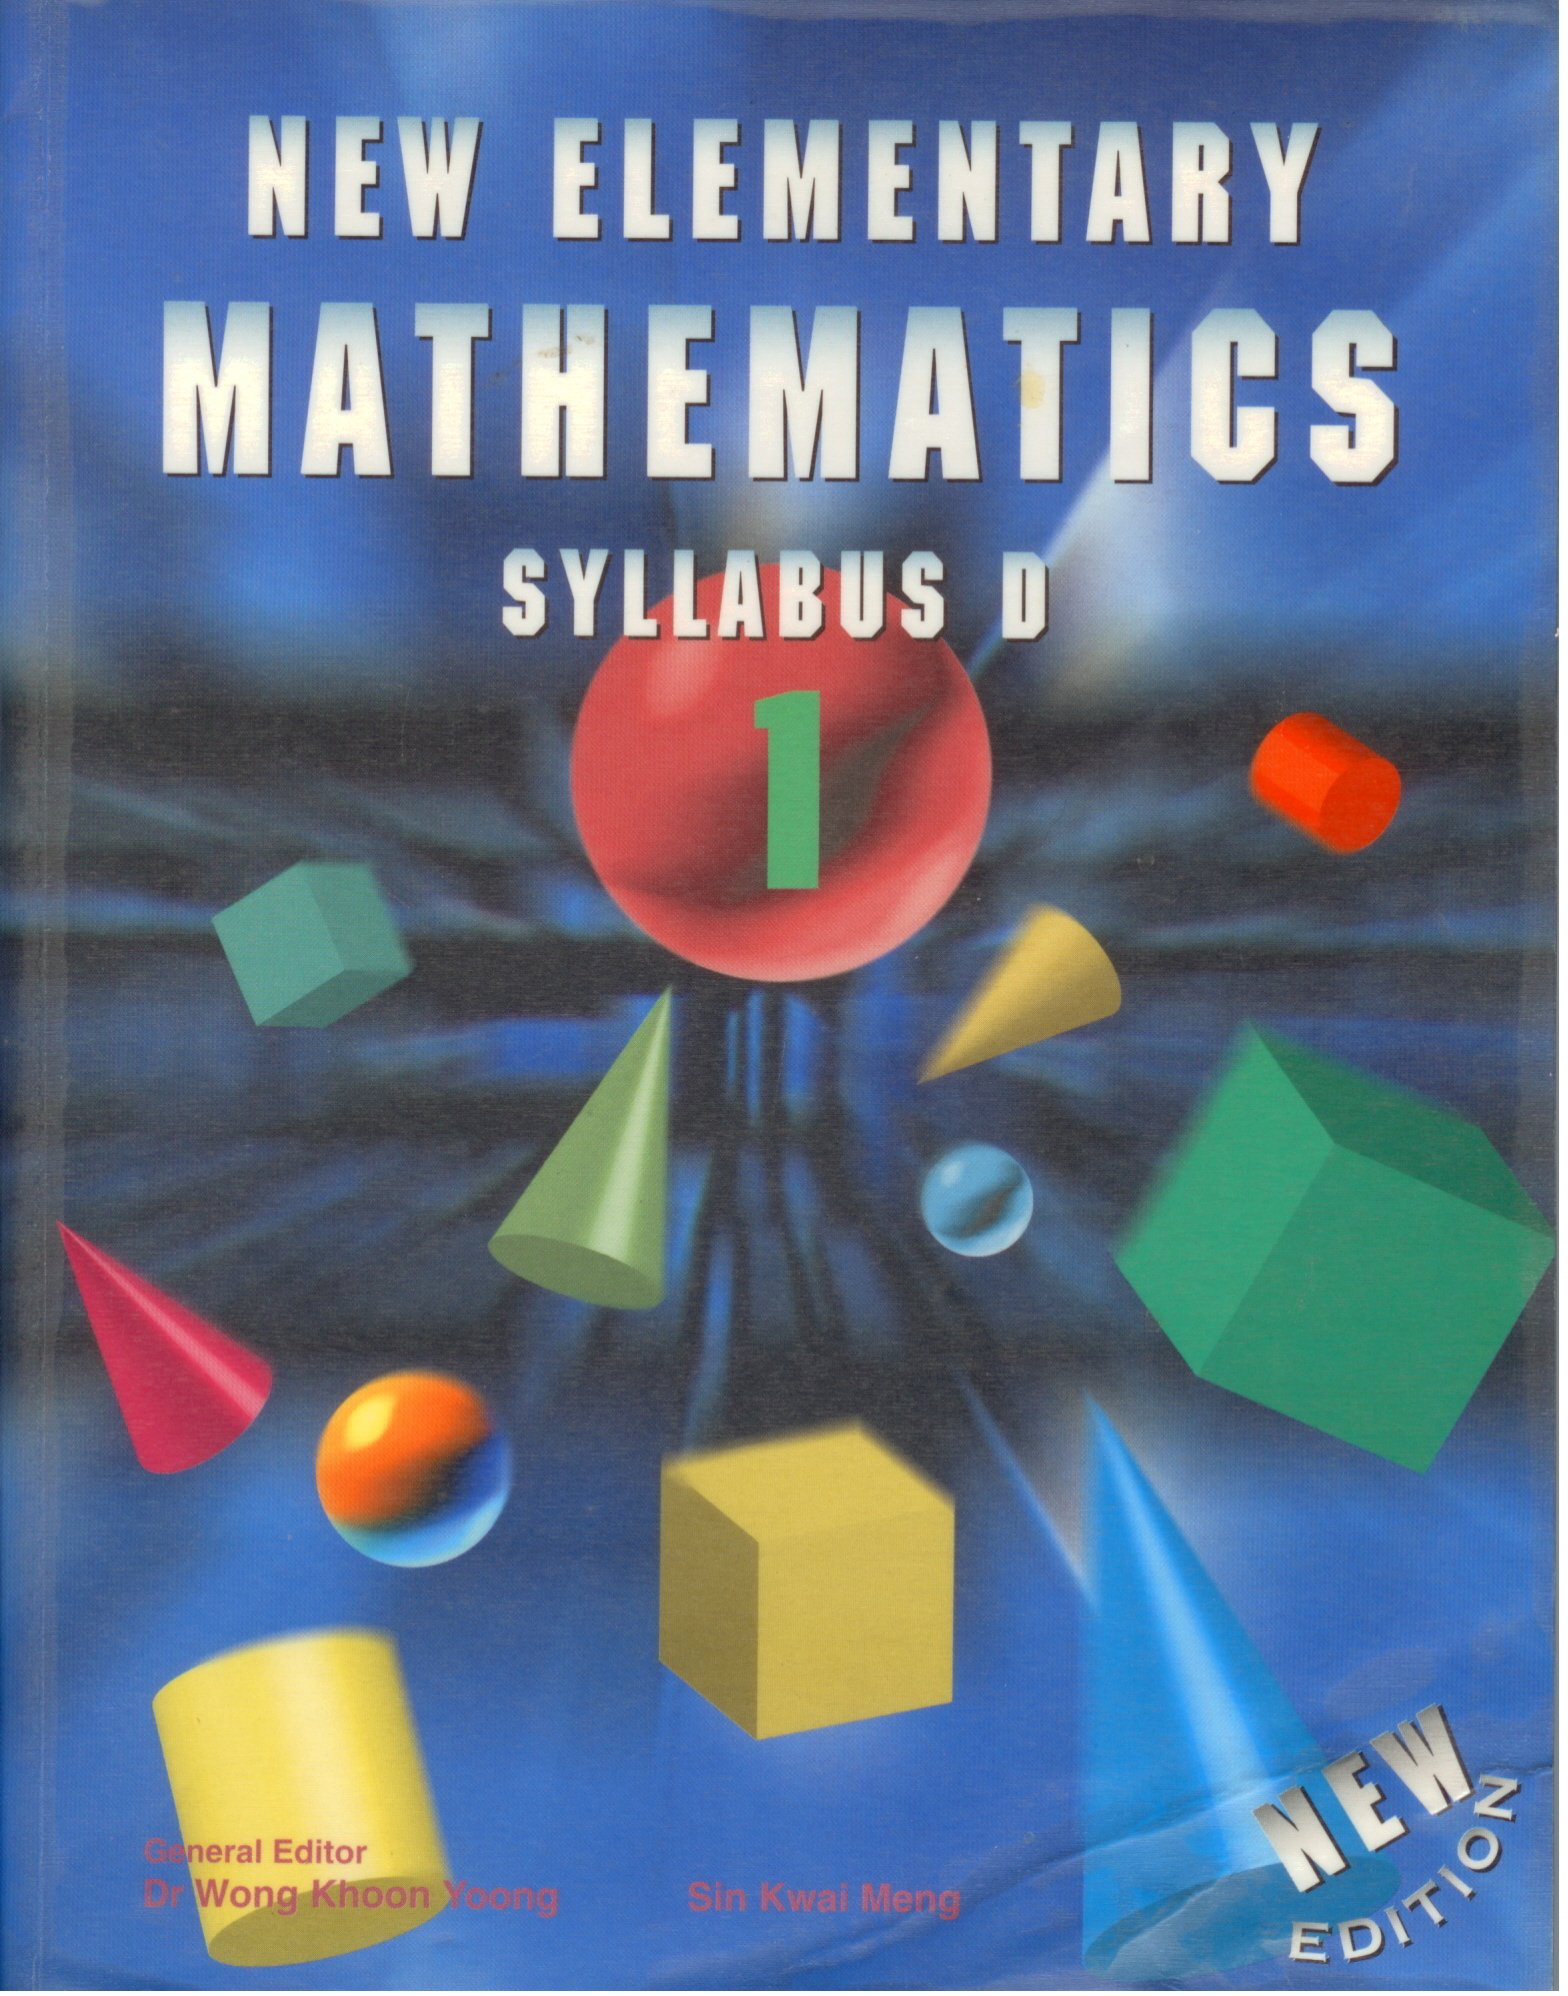 New Elementary Mathematics Syllabus D Sin Kwai Meng 9789812084590 Amazon Books